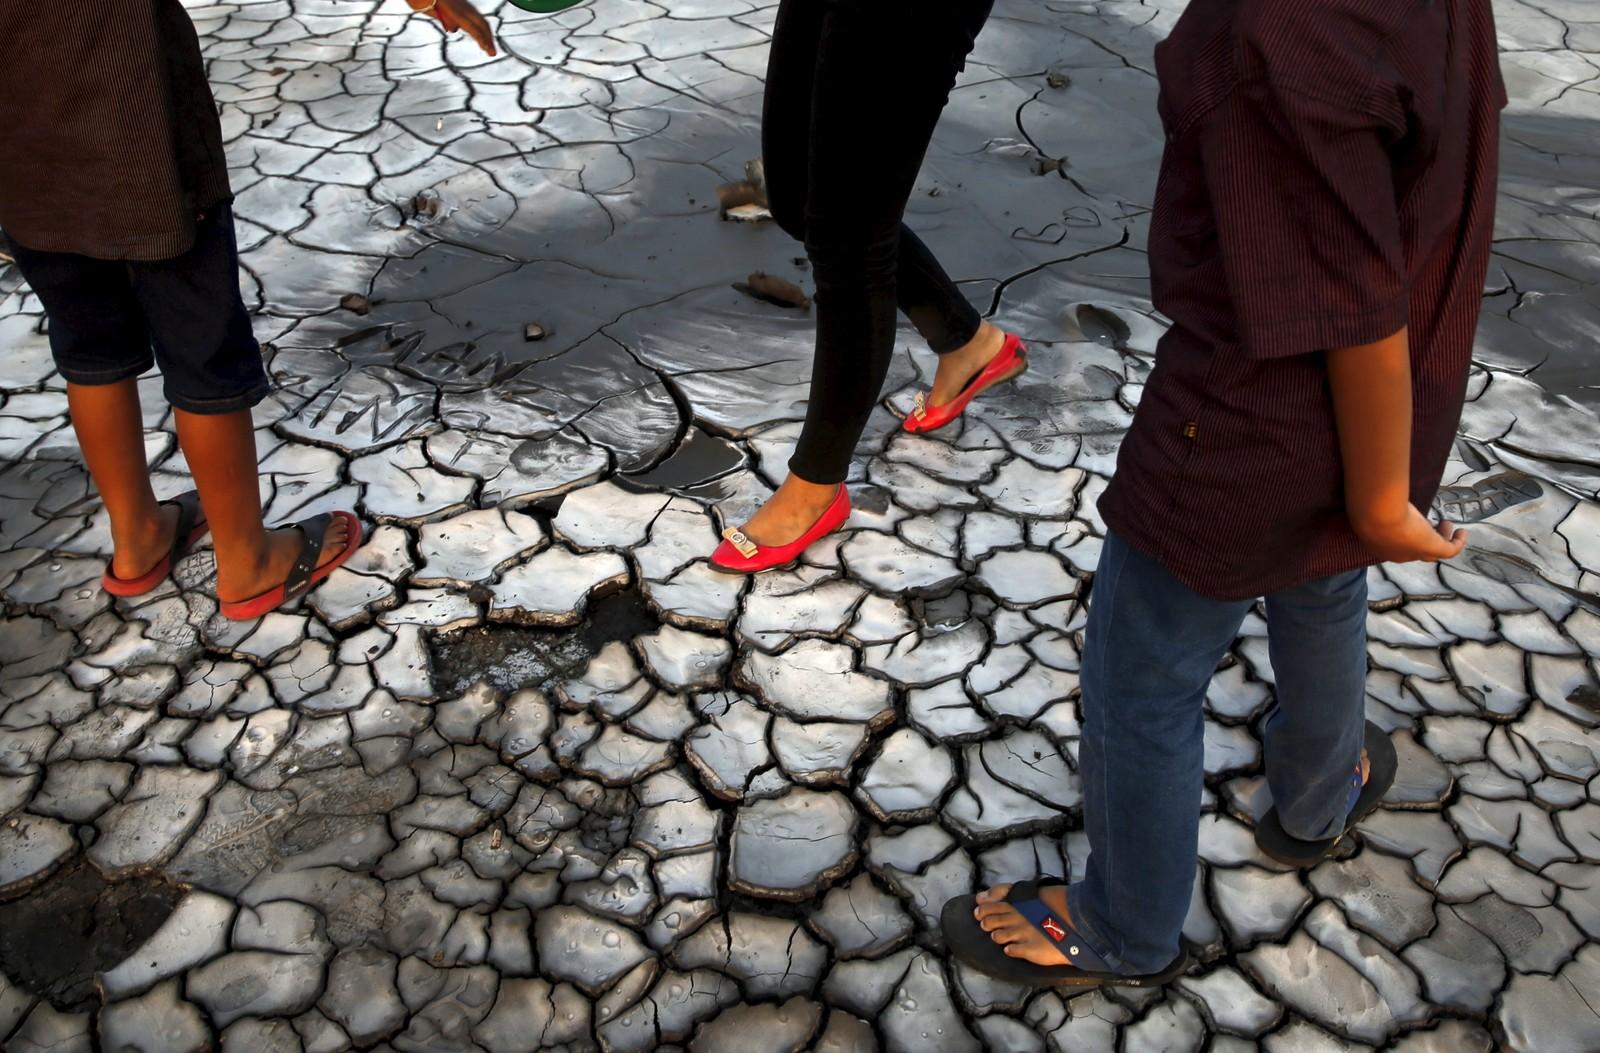 Turister går på tørka leire i Indonesia. Såkalt katastrofe-turisme har visstnok økt i omfang, og tørke-, vulkan- og jordskjelvrammede områder står da på lista.